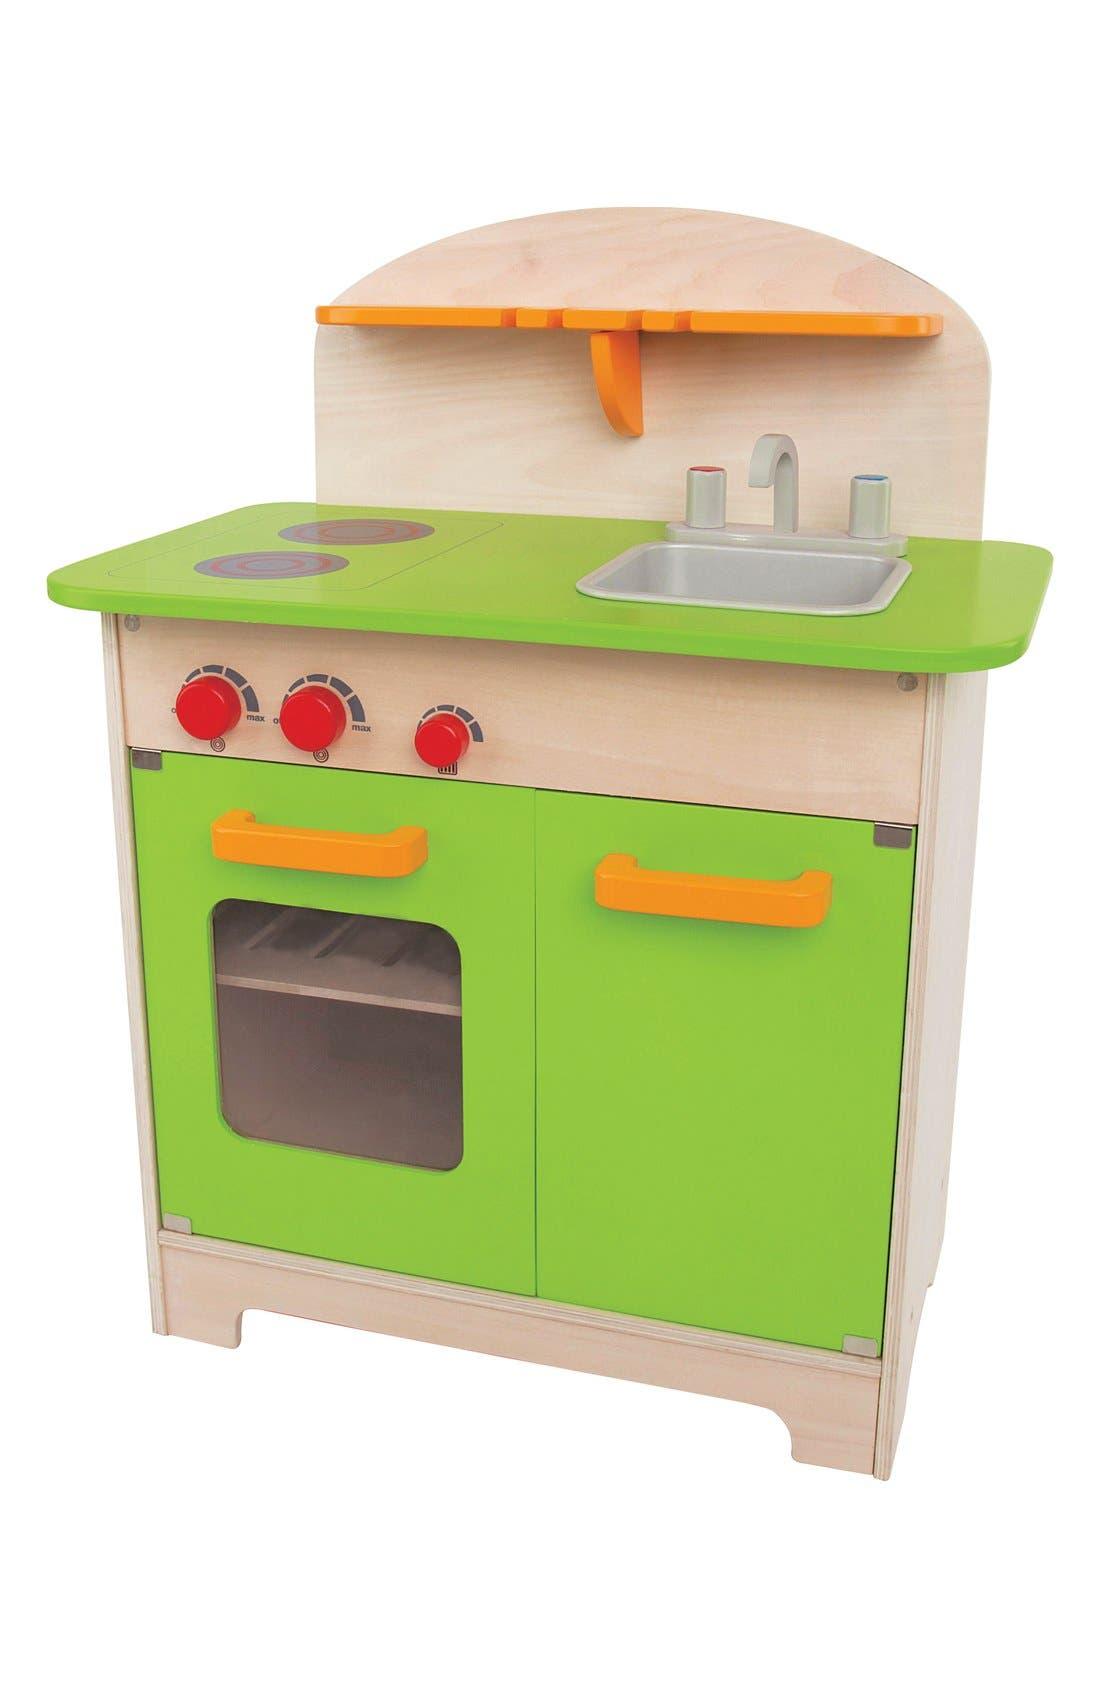 Hape Gourmet Kitchen